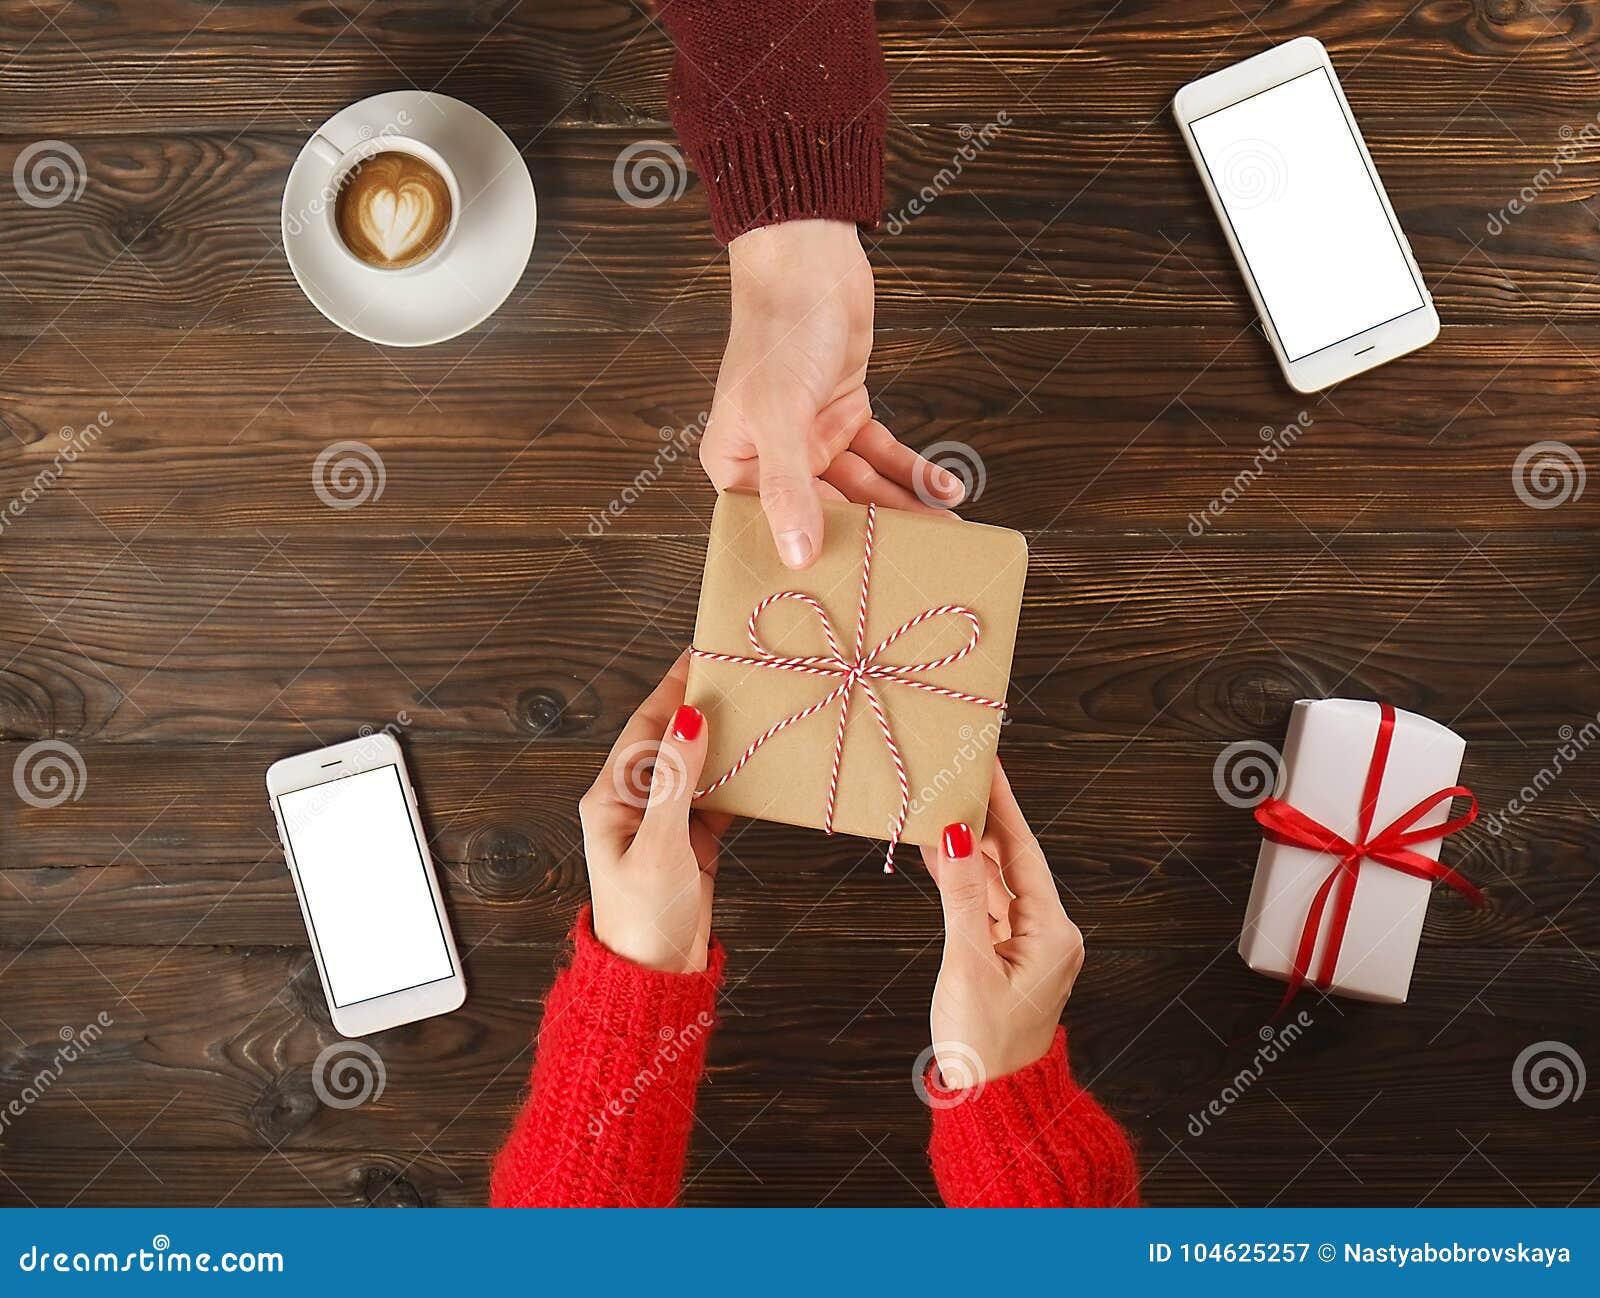 Download Paar In Liefde De Vrouw Geeft Aanwezige De Mens Mens En Vrouwelijke Handen Hoogste Mening Over Houten Lijst Met Telefoons En Koff Stock Afbeelding - Afbeelding bestaande uit gelukkig, gift: 104625257